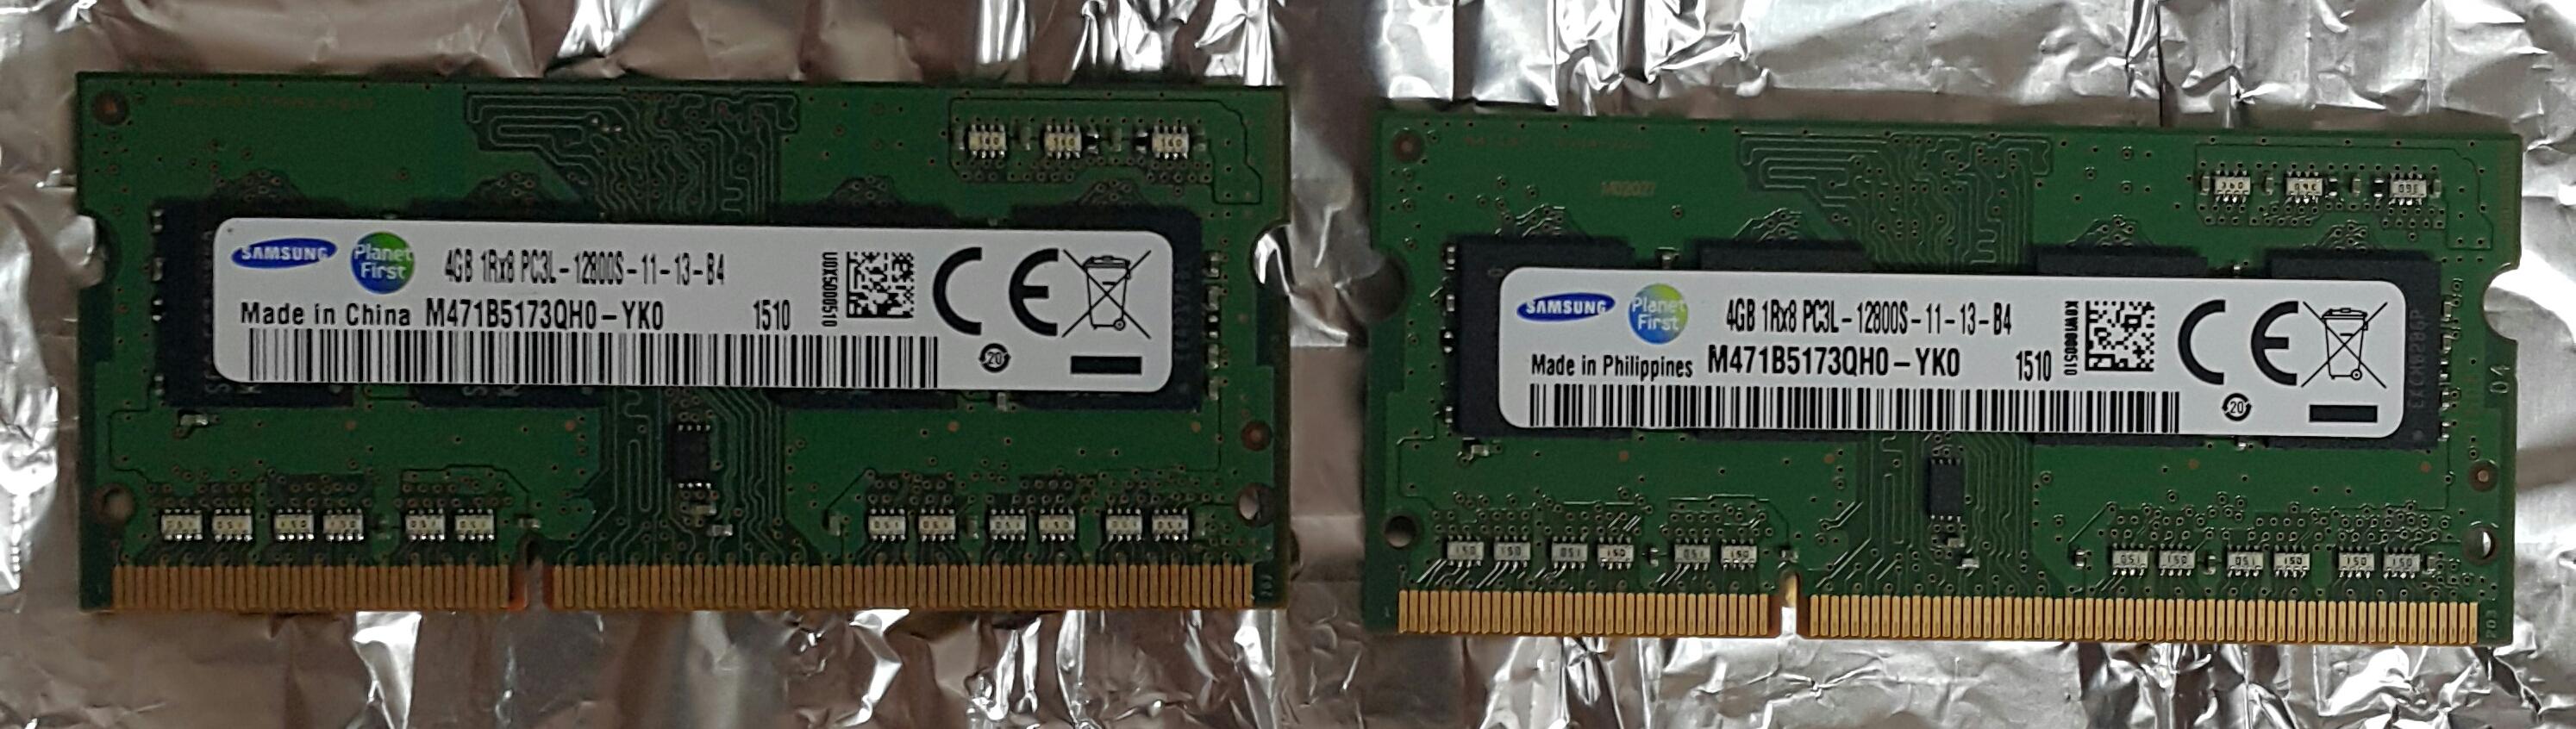 삼성 4GB PC3L 12800S.jpg